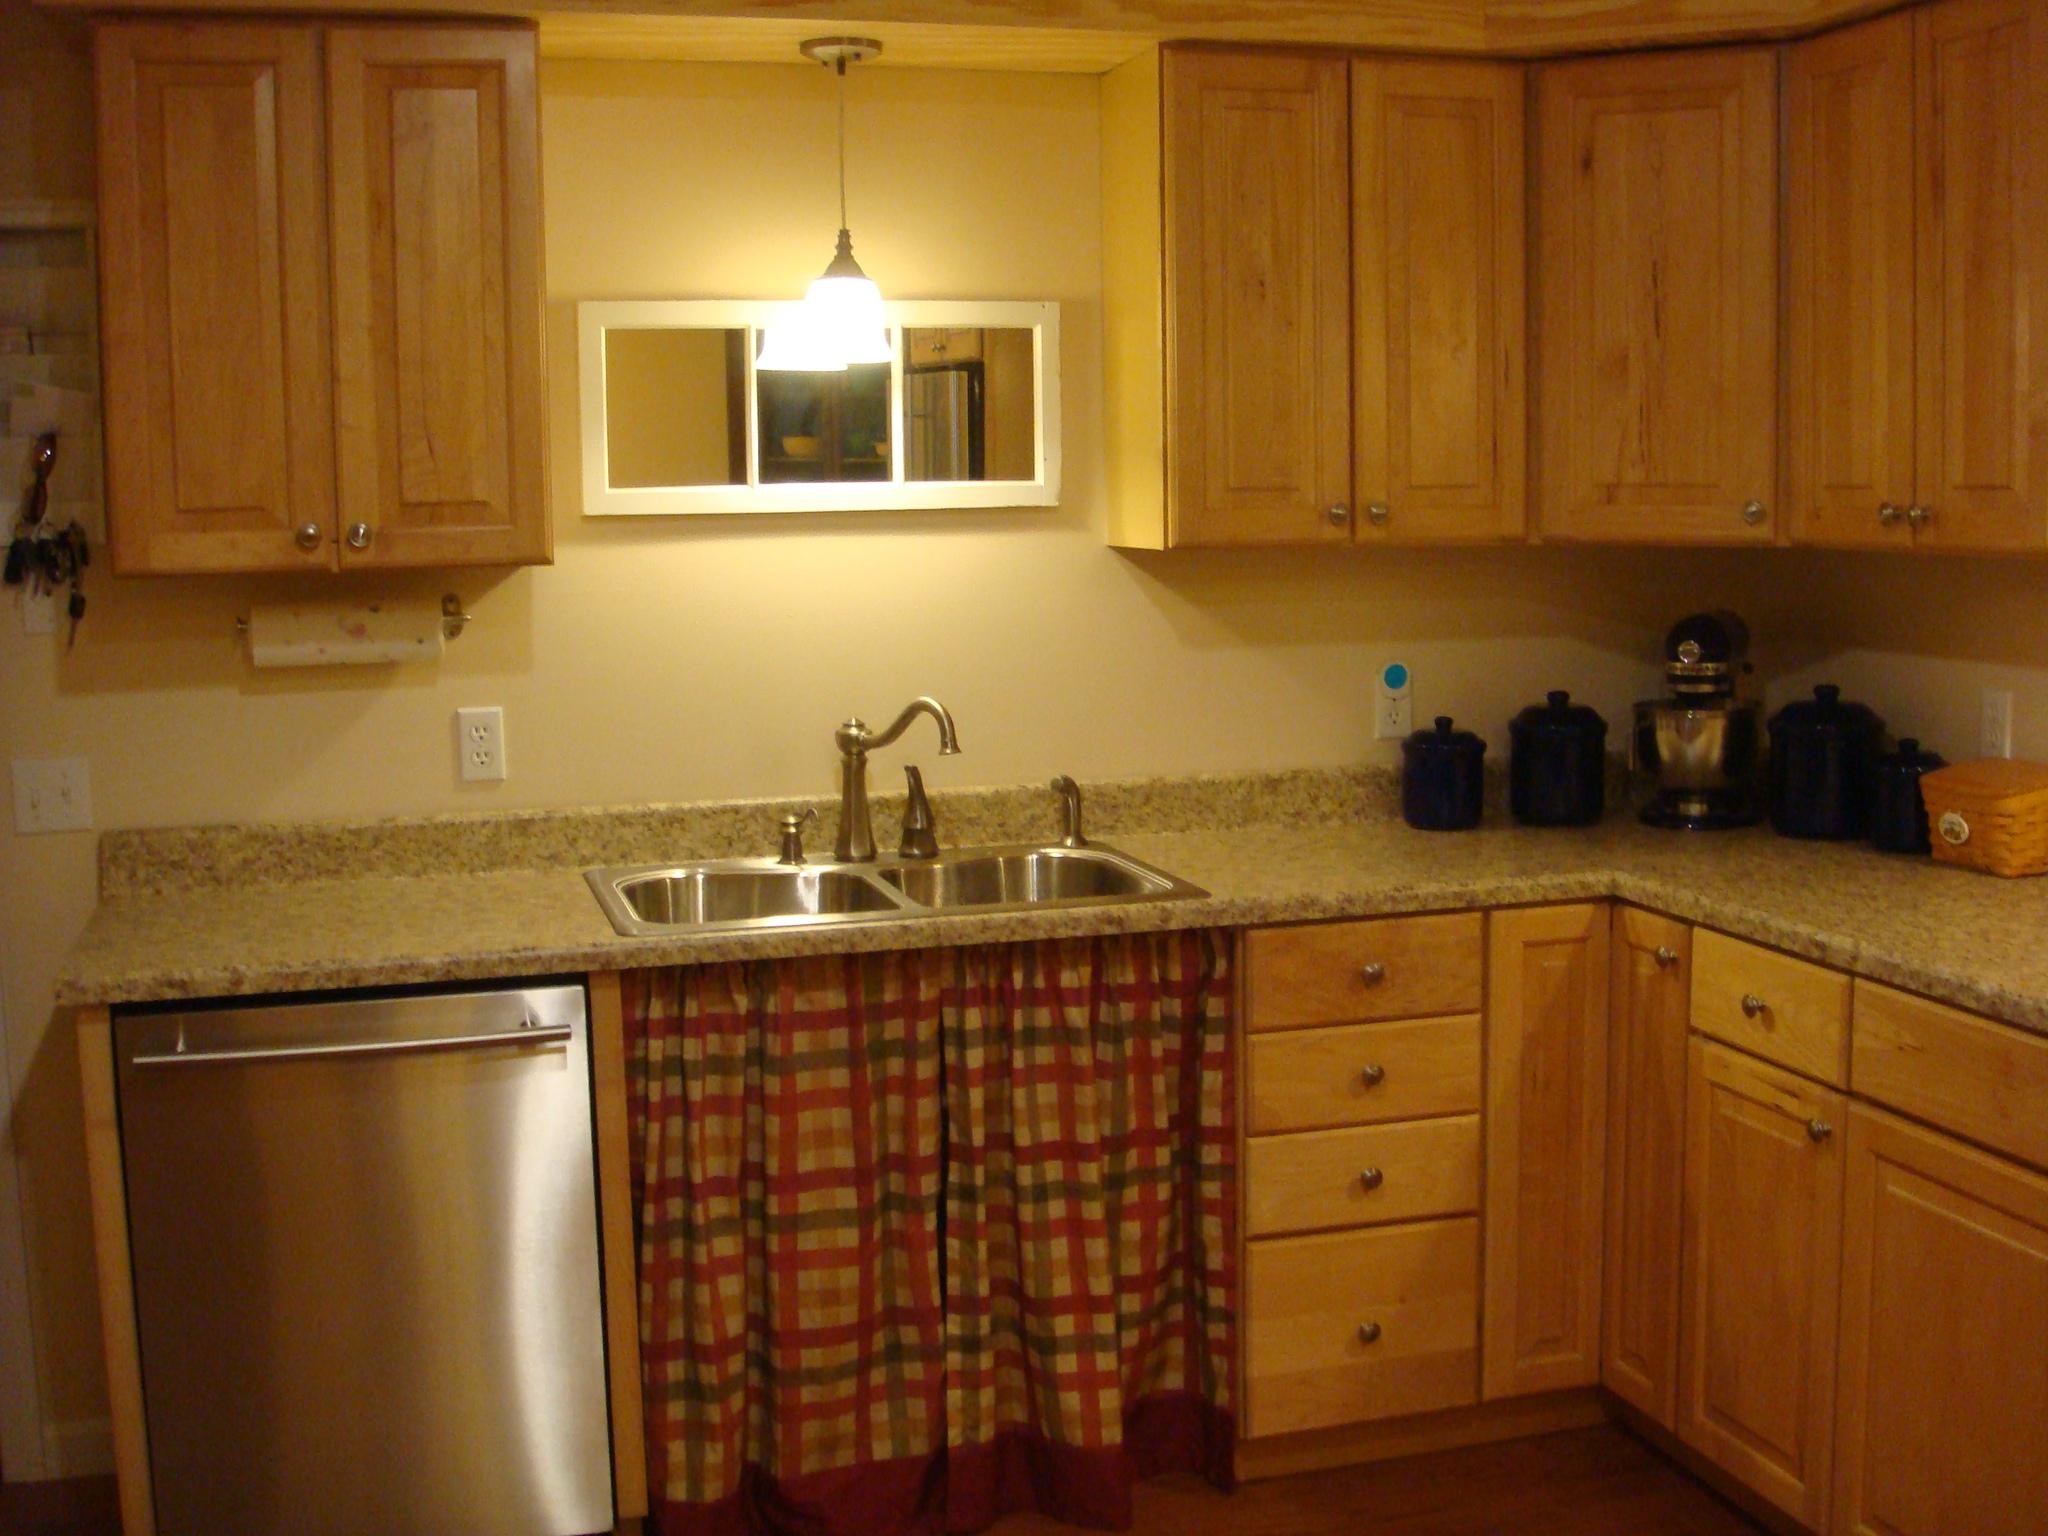 lighting nov lighting task lighting cabinet task lighting